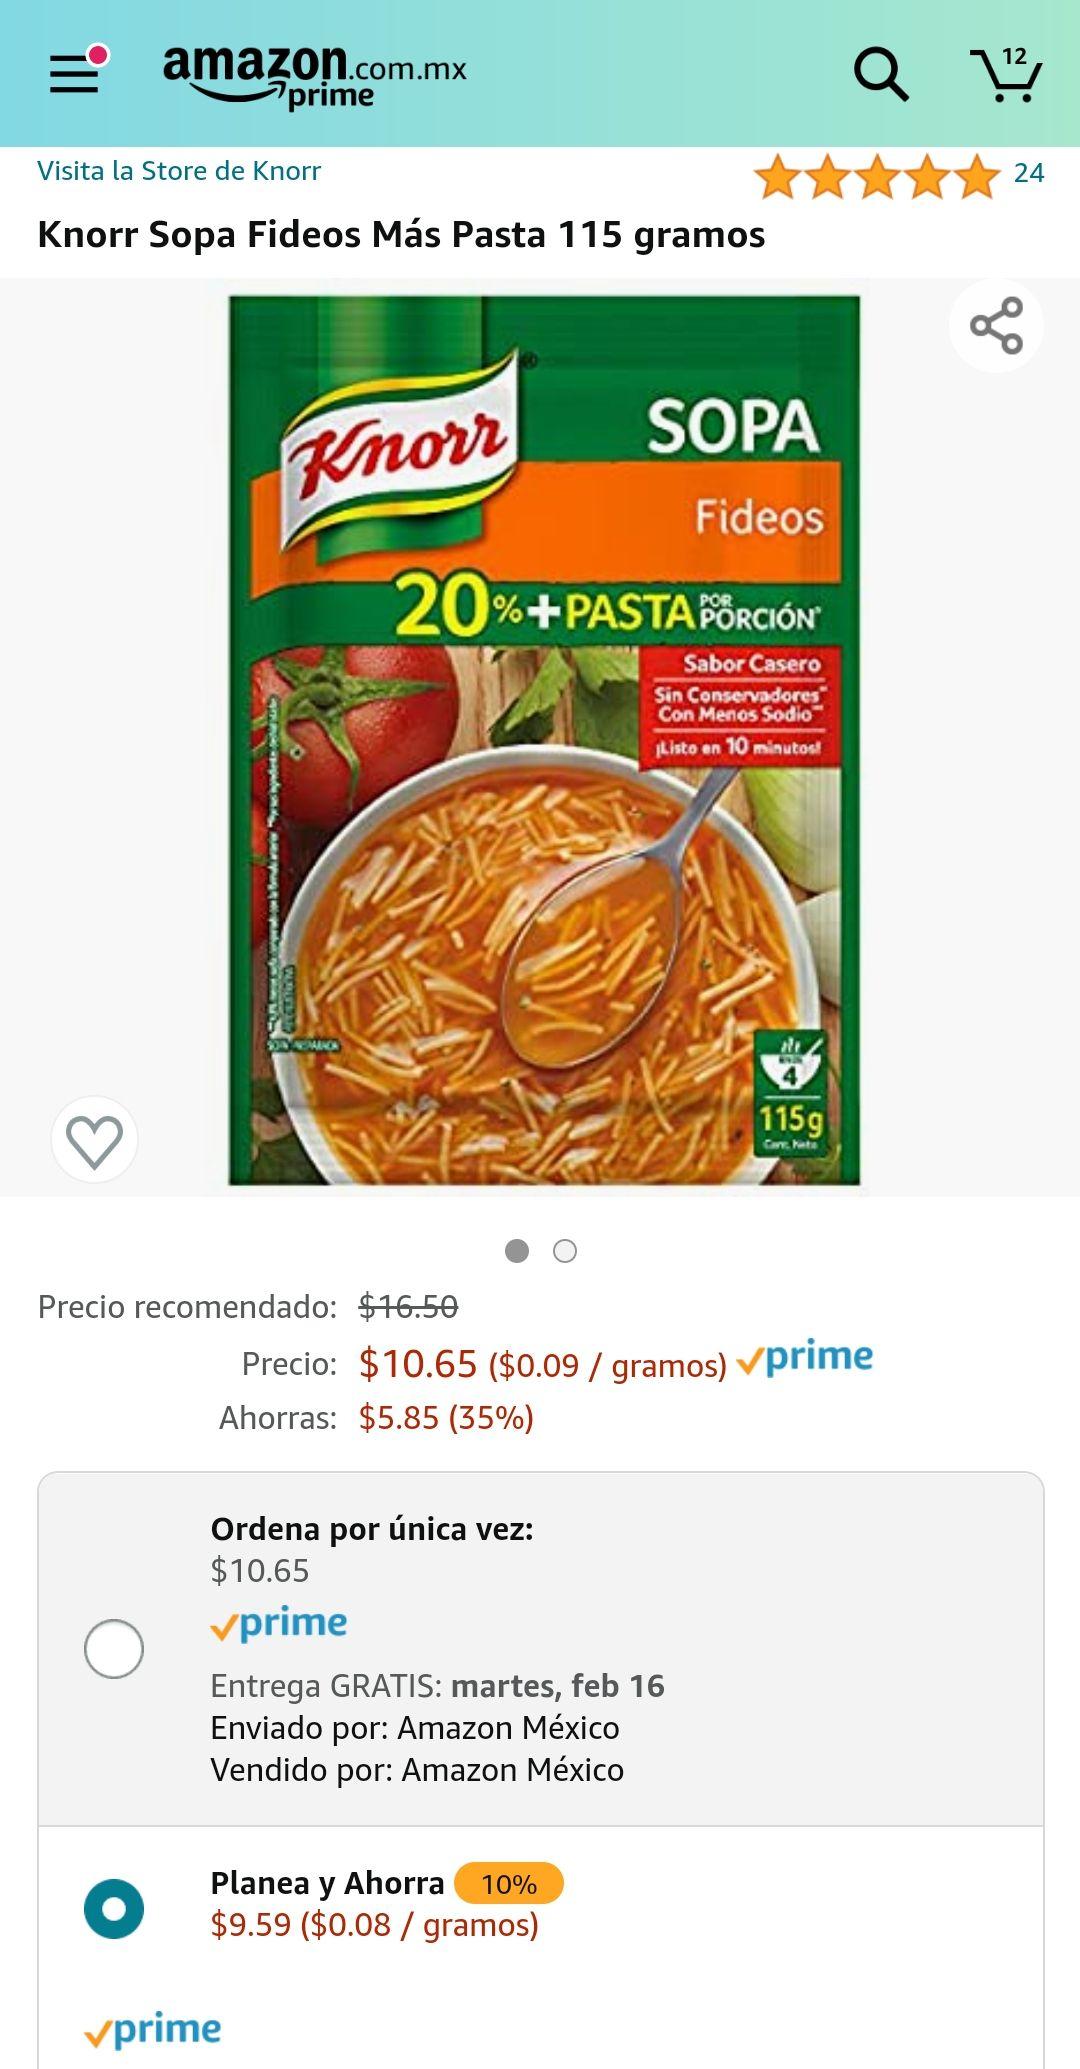 Amazon: Knorr Sopa Fideos Más Pasta 115 gramos